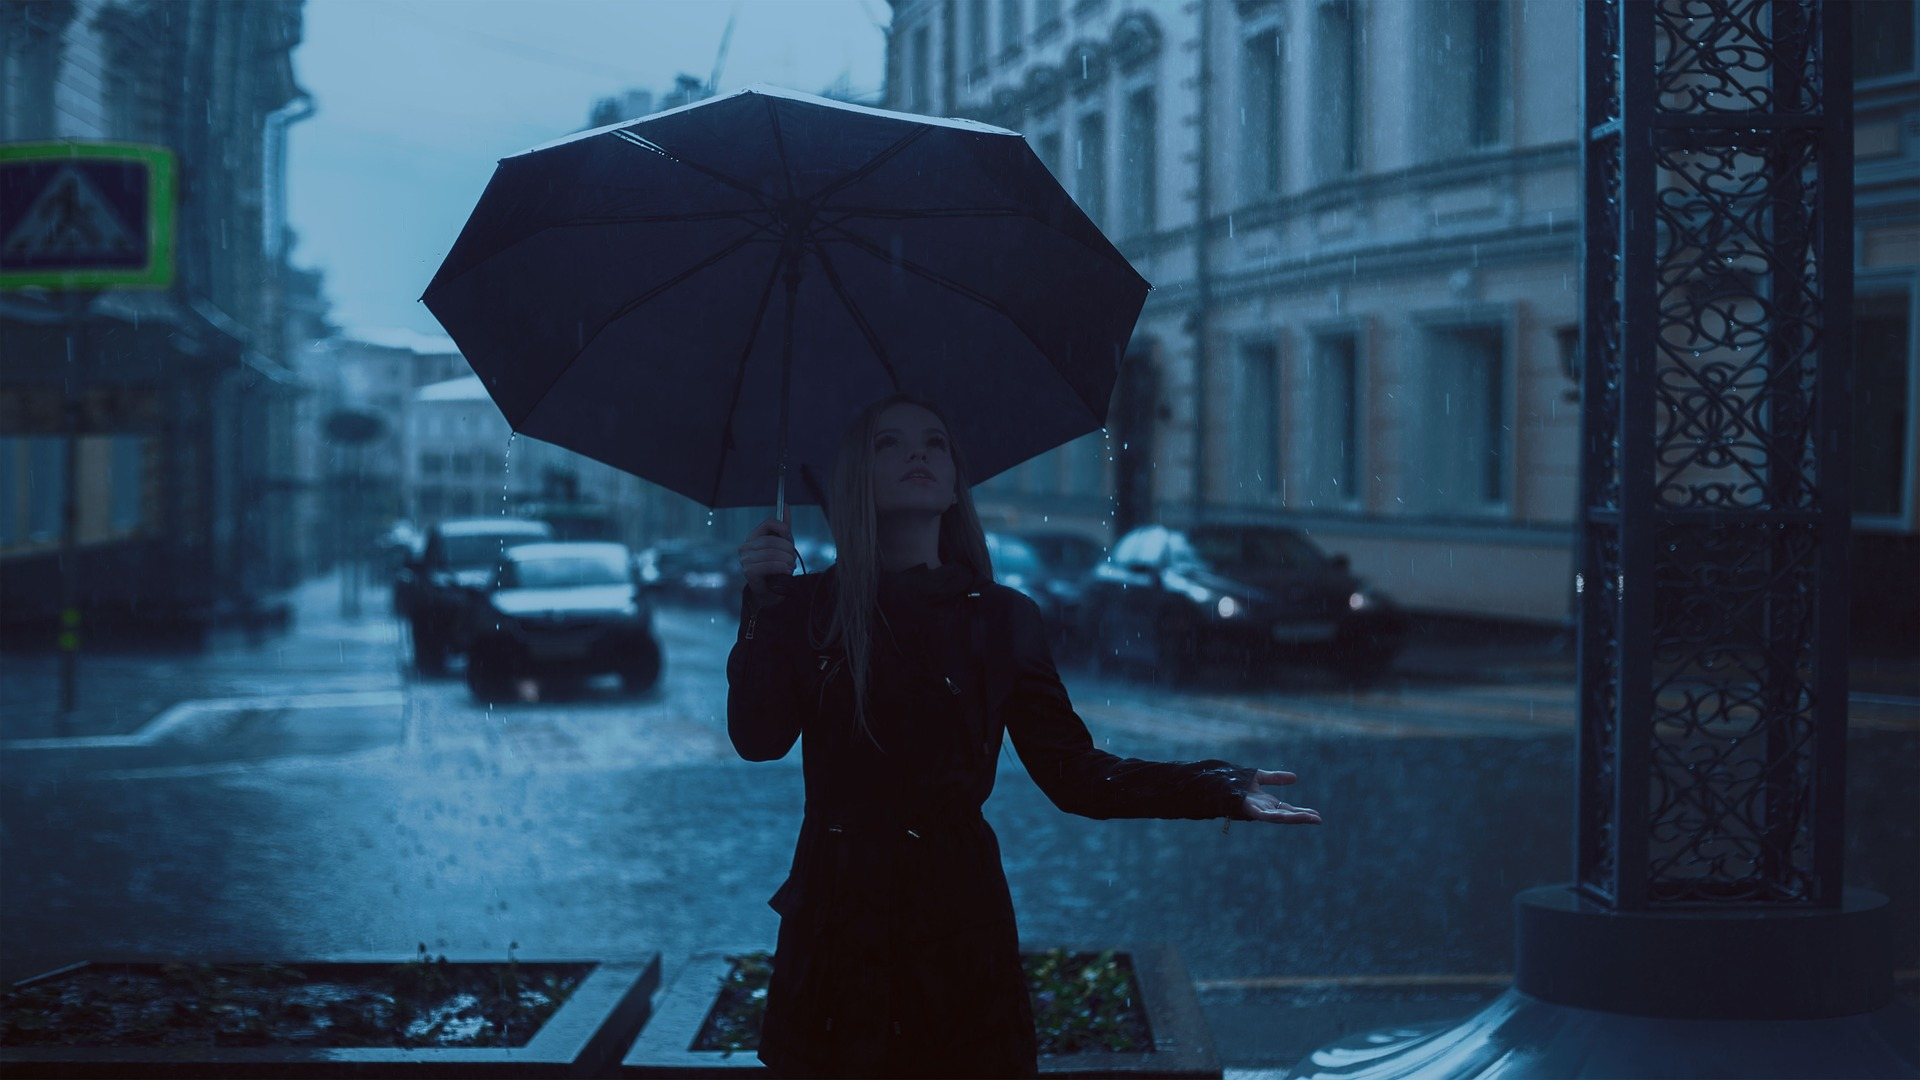 雨の日に聴きたい洋楽15曲